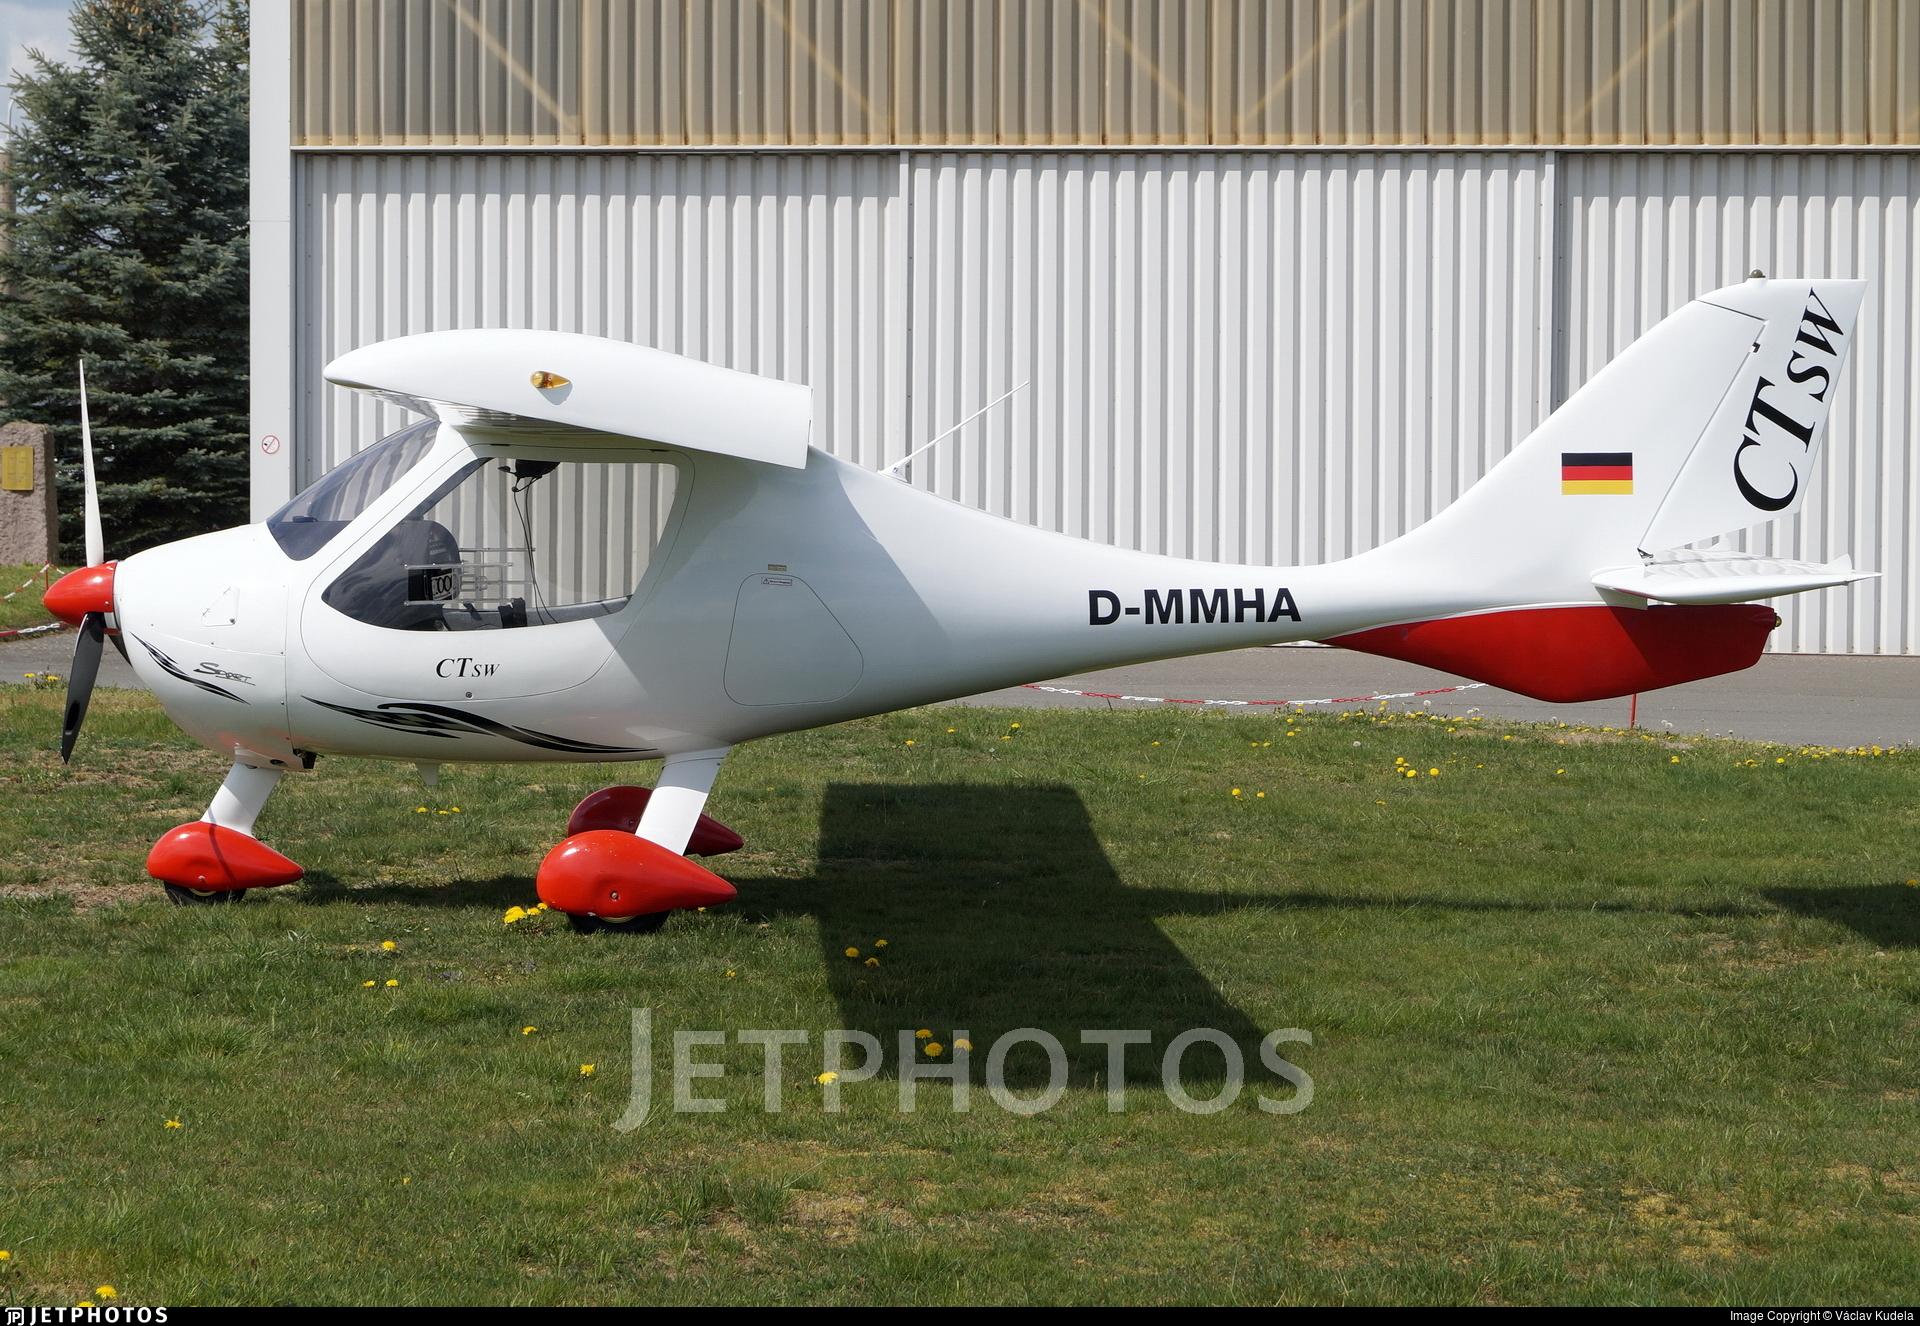 D-MMHA - Flight Design CT-SW - Private